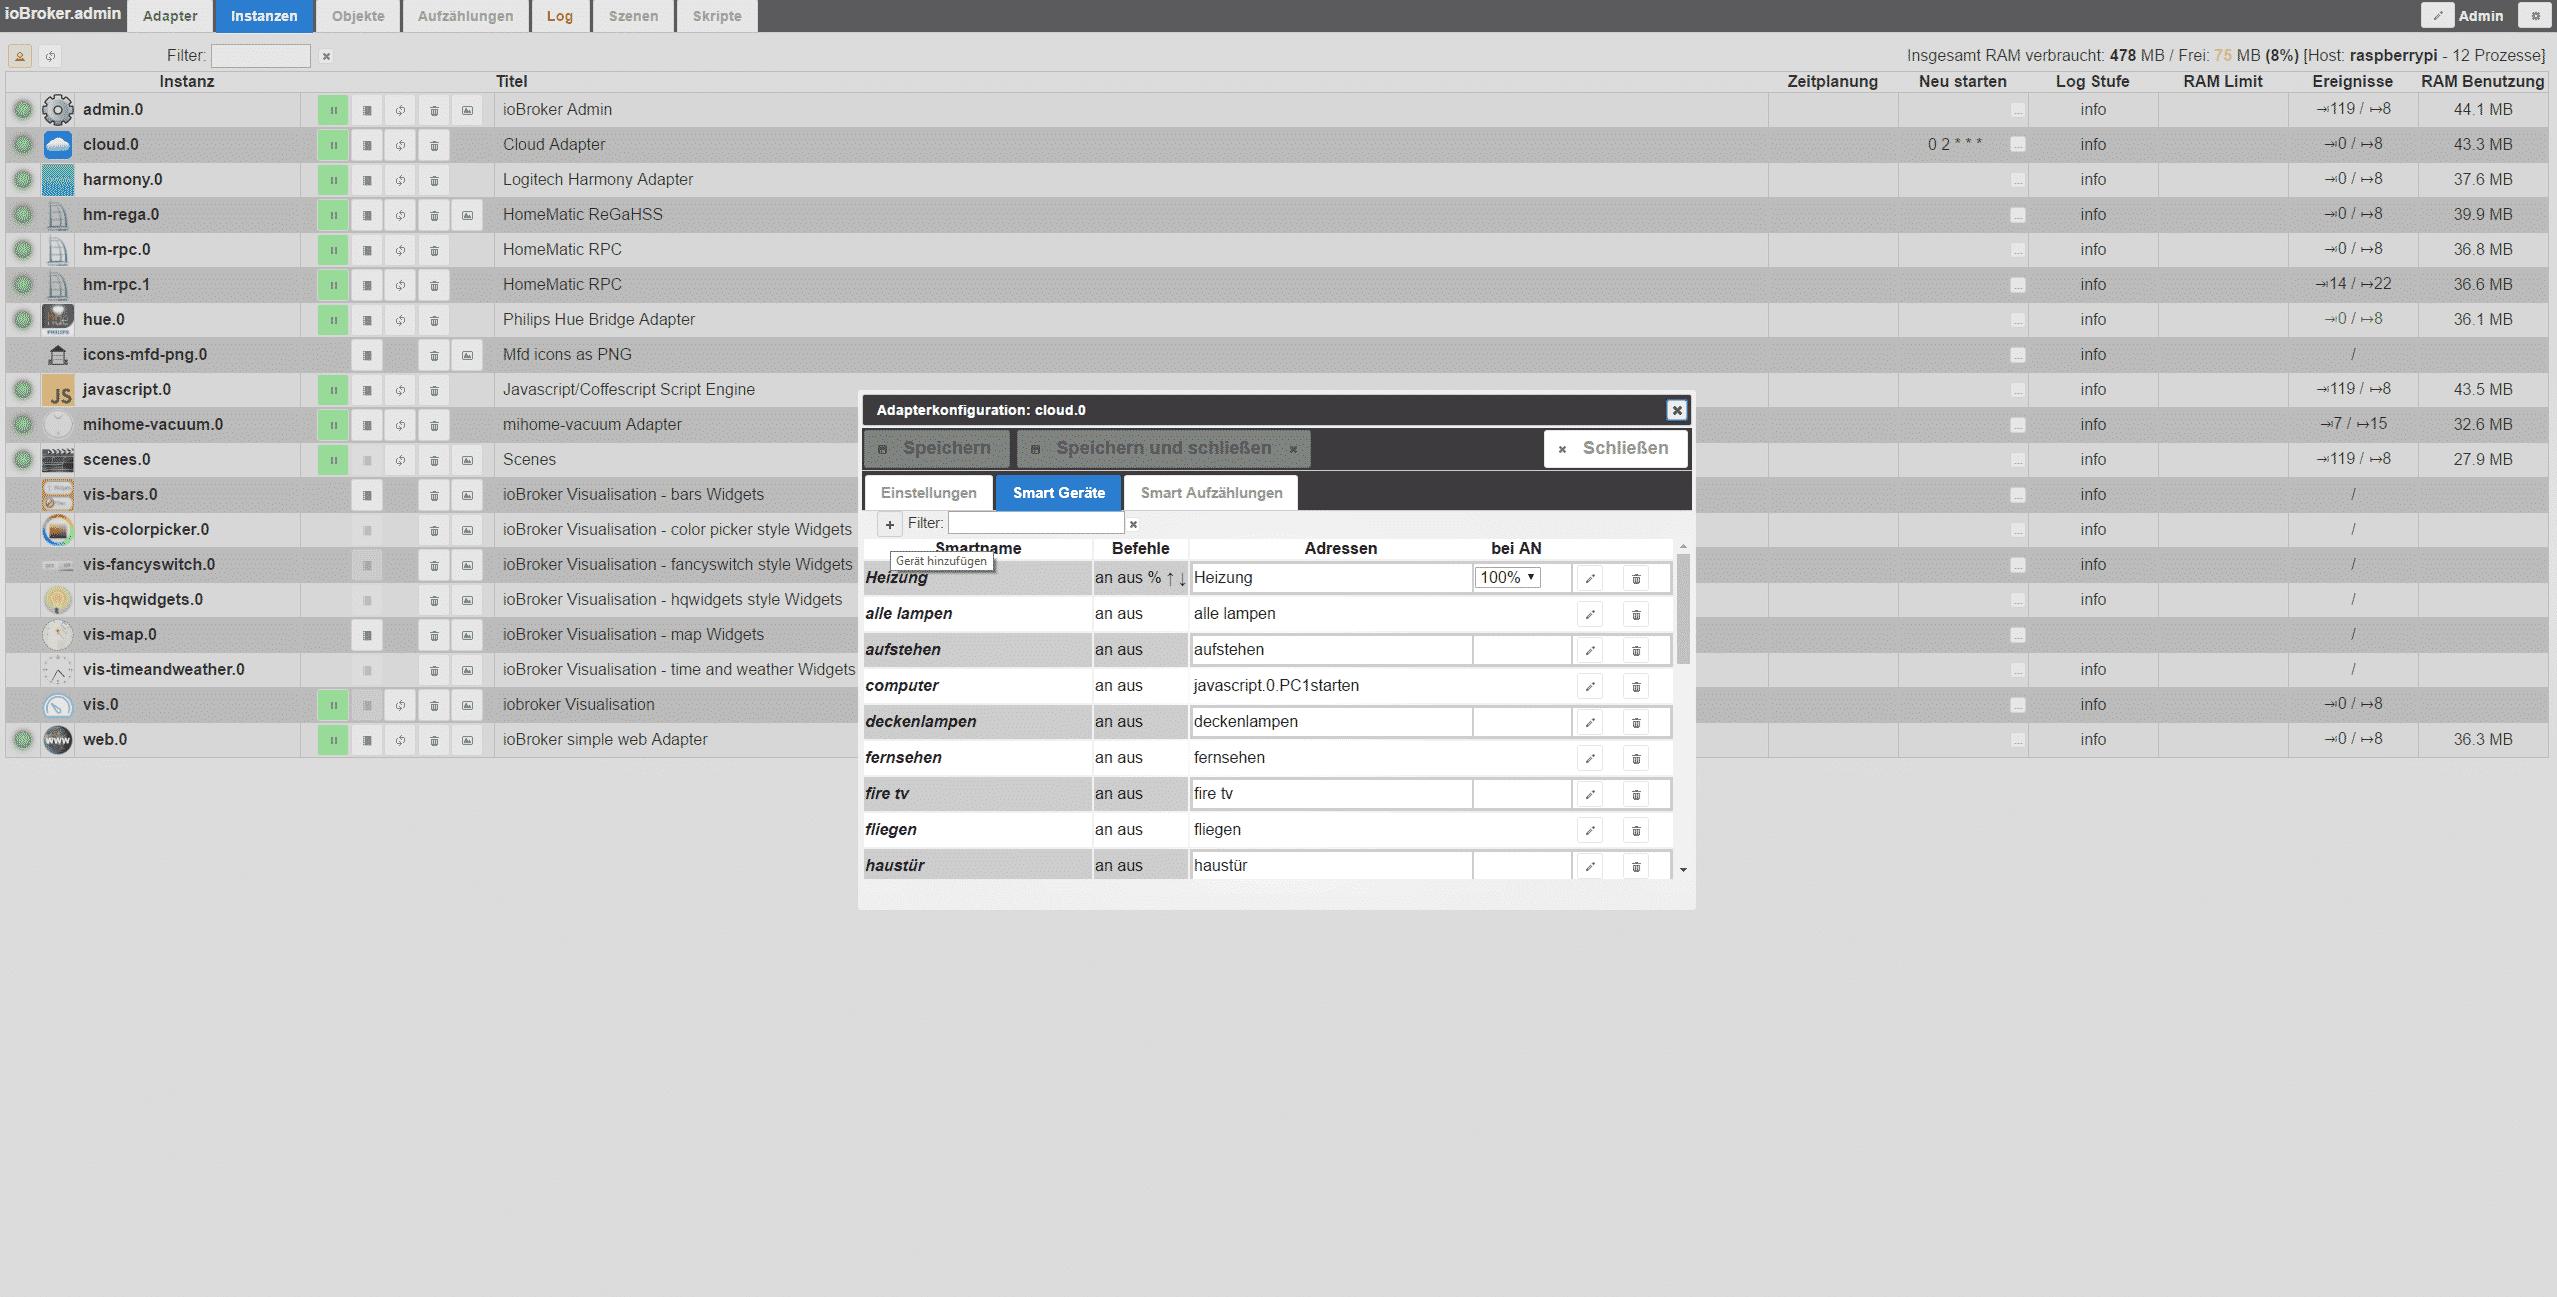 Szenen-in-ioBroker-erstellen-und-mit-Amazon-Alexa-steuern-13